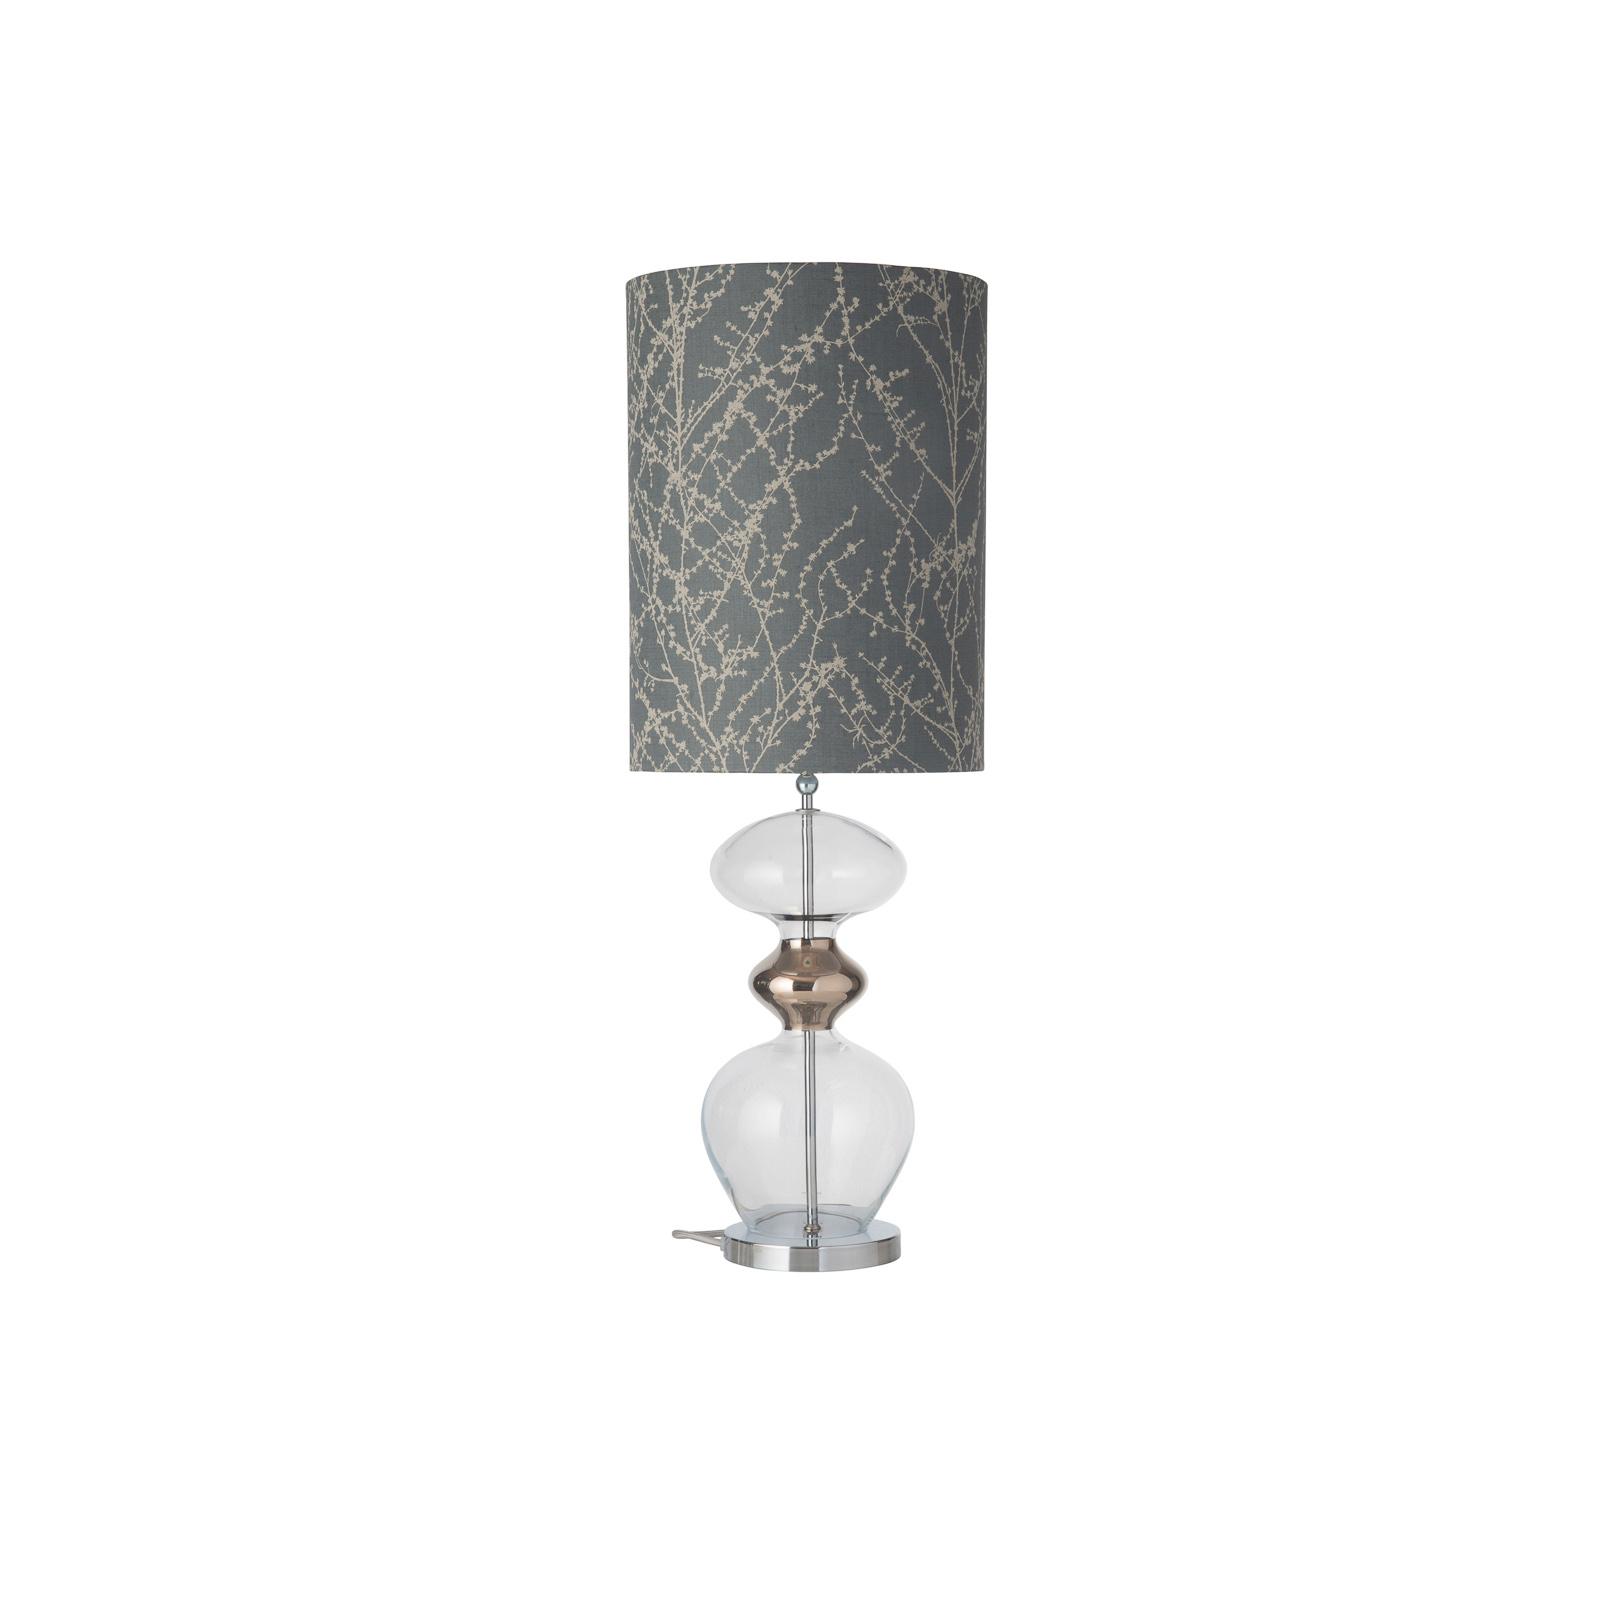 EBB & FLOW Futura Tischlampe, Branches grey/silver